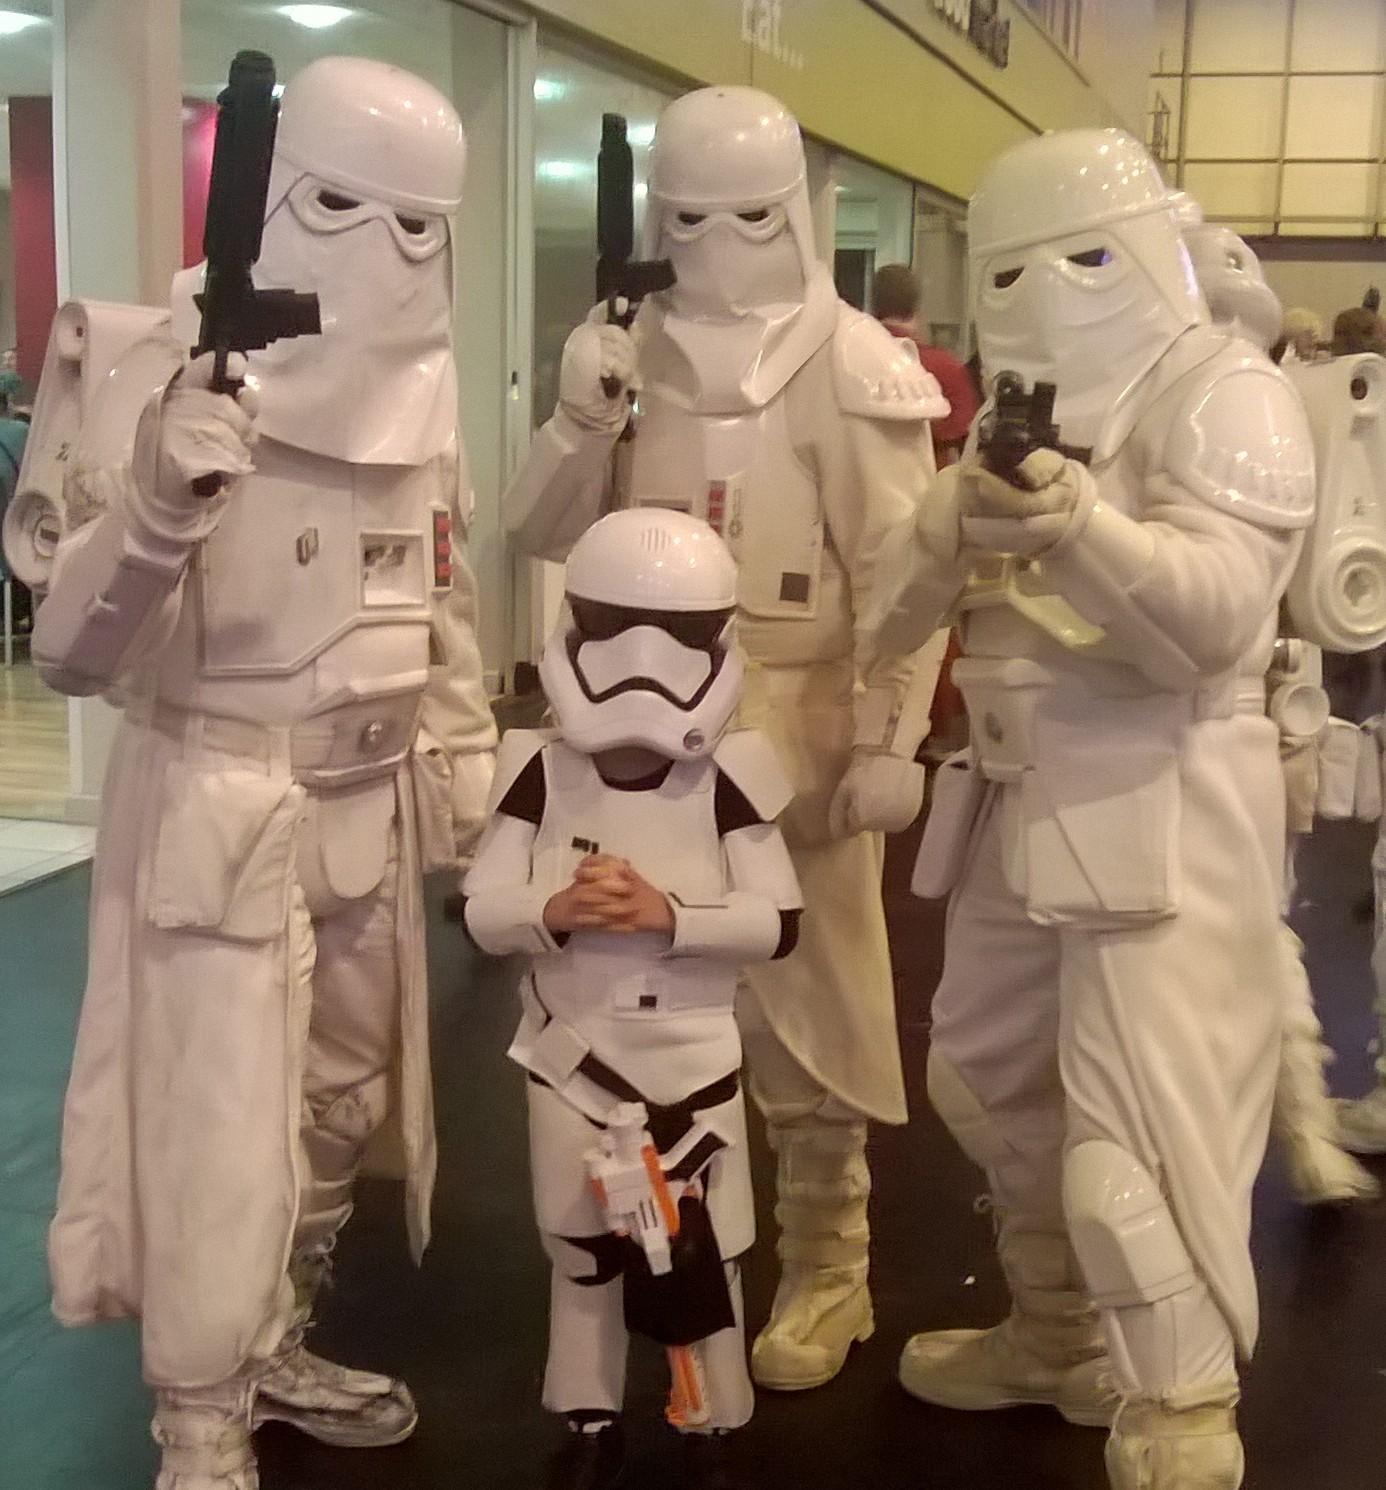 Aren't You A Little Short for A Stormtrooper?